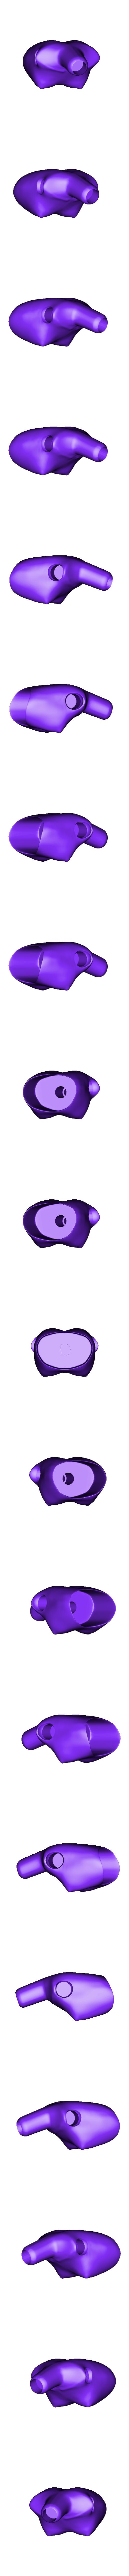 3_kyoubu_chest_rev2.stl Télécharger fichier STL gratuit Poupée de 52 cm 1/3 à joint magnétique, style Kasca • Design imprimable en 3D, all-kasca